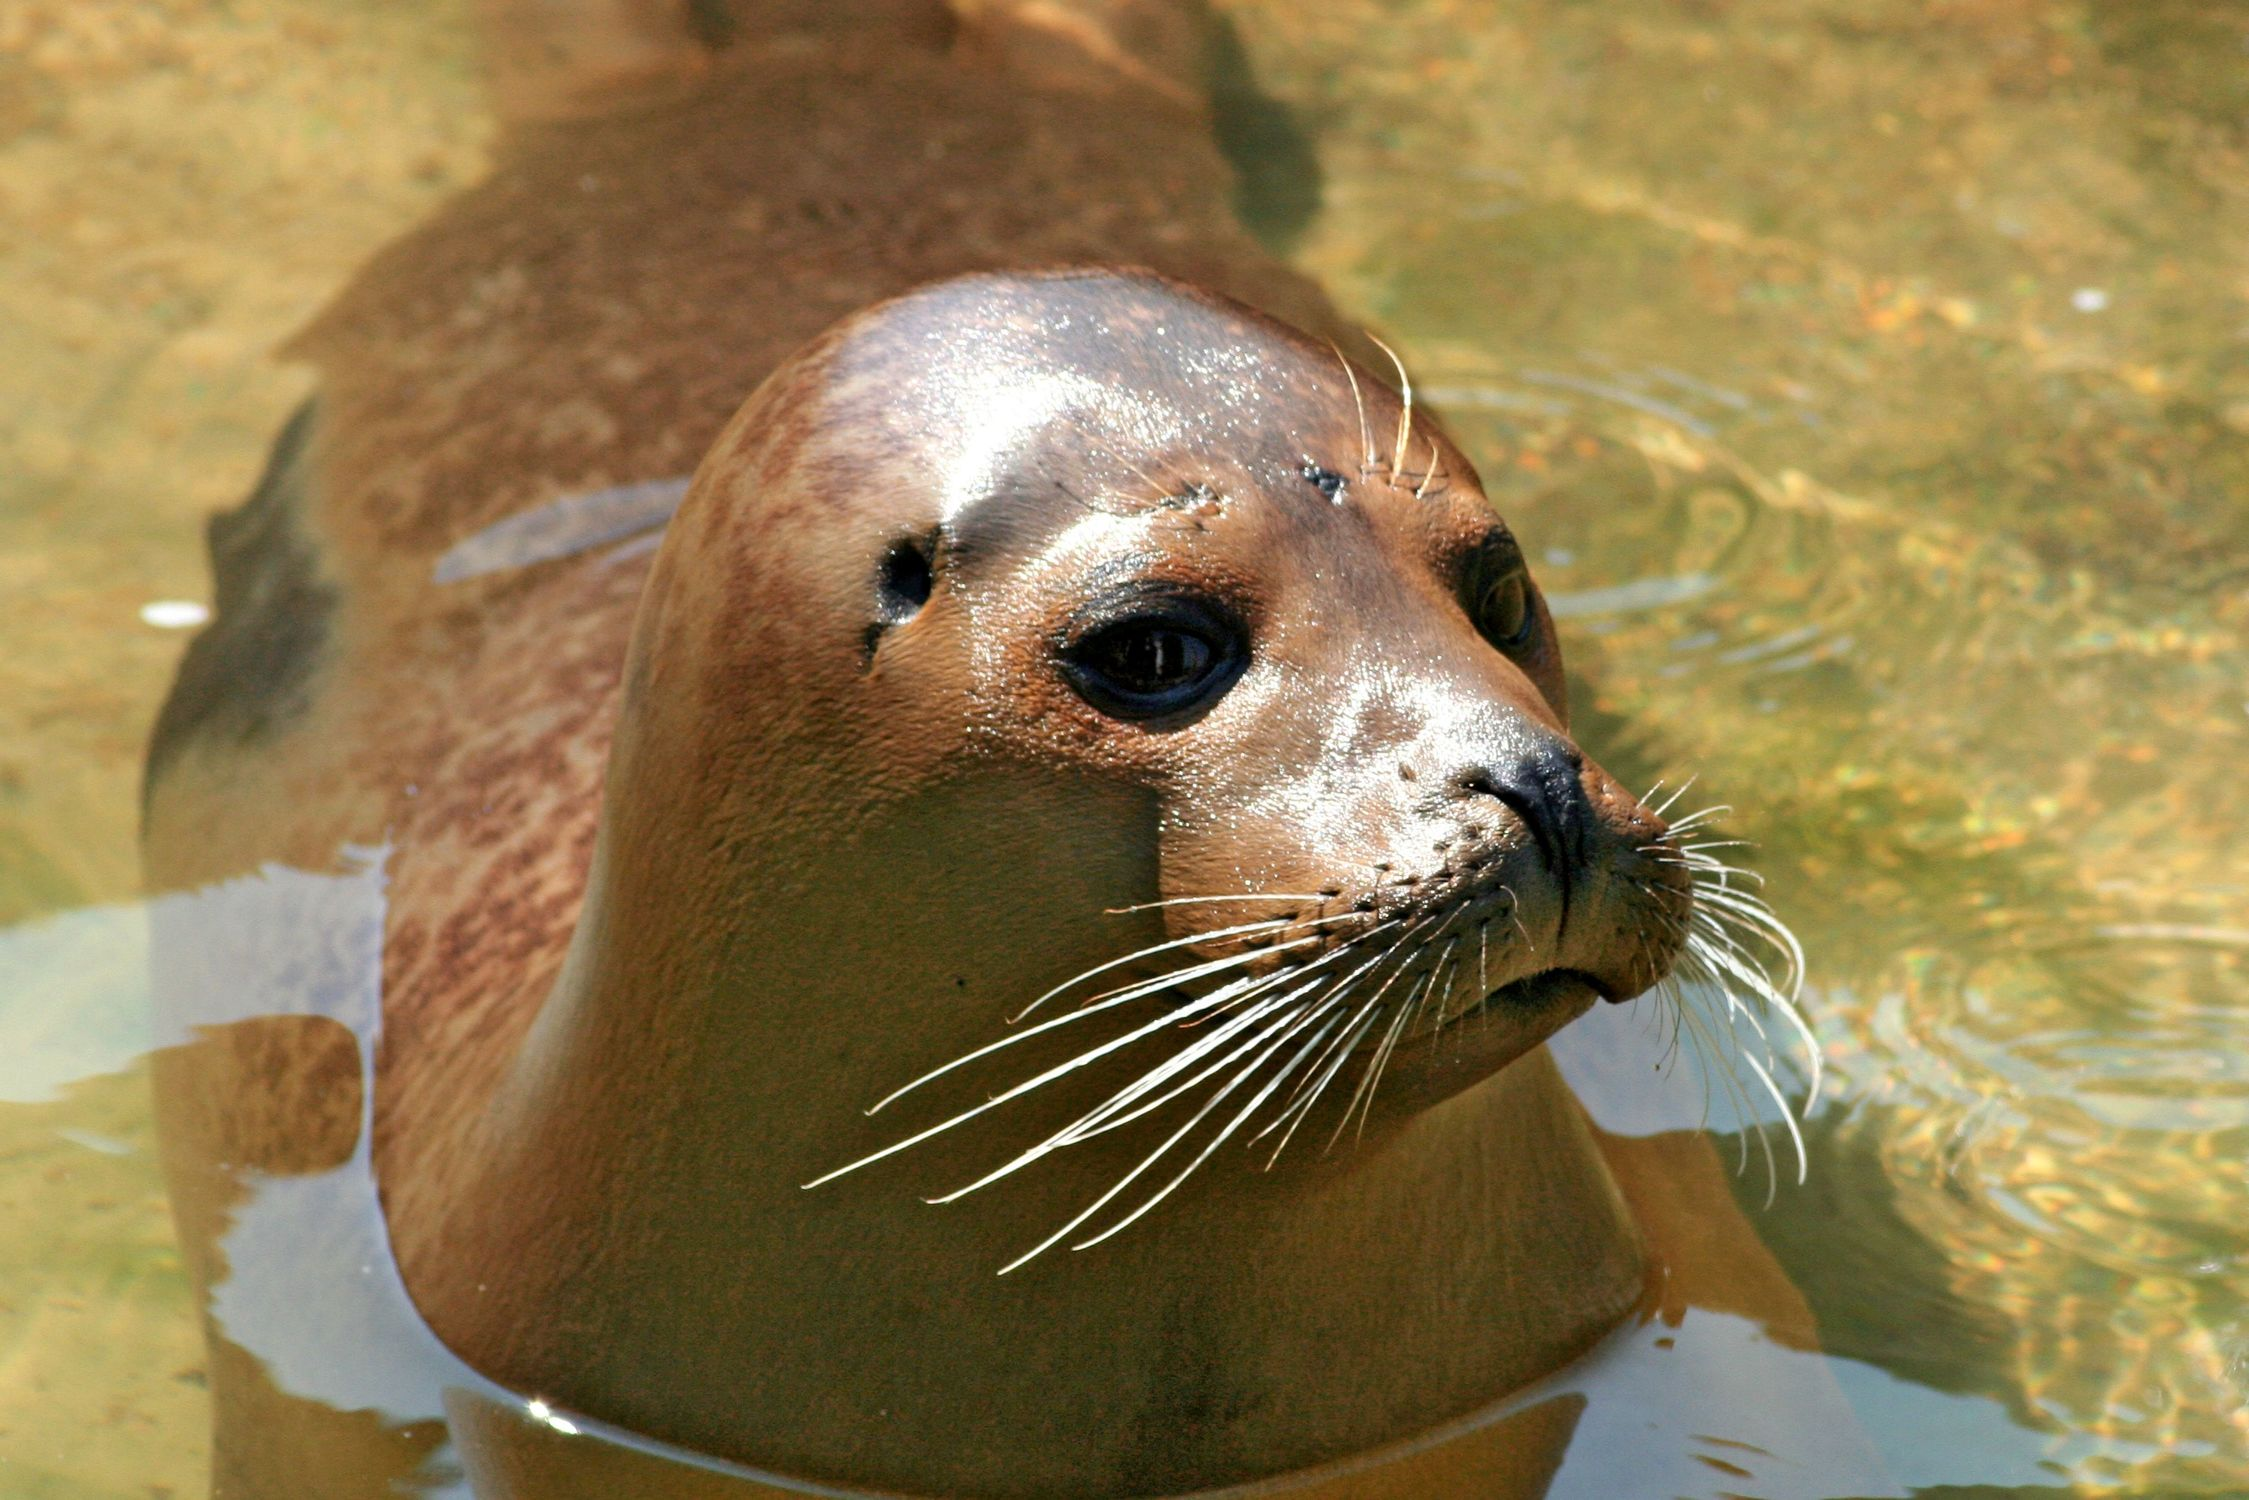 Bild mit Tiere, Säugetiere, Robben, Seehunde, Seelöwen, Seeblöwen, Tier, Seehund i phoca vitulina, Robbe, i phoca vitulina